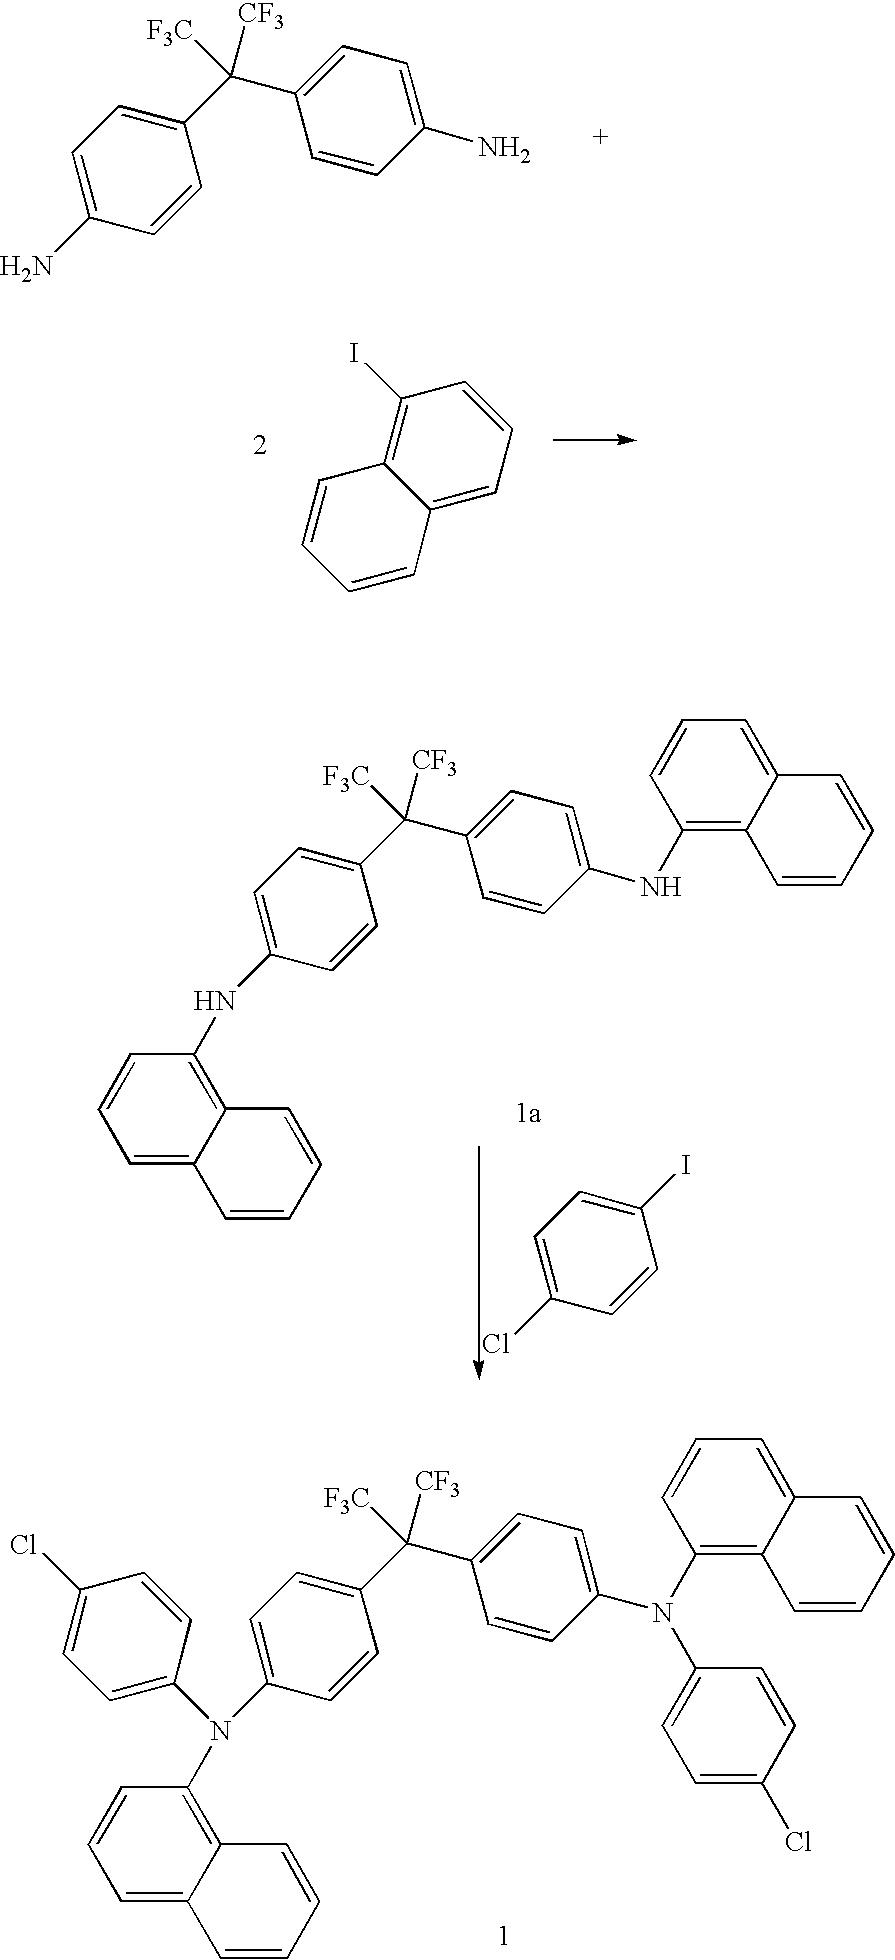 Figure US20050187411A1-20050825-C00024